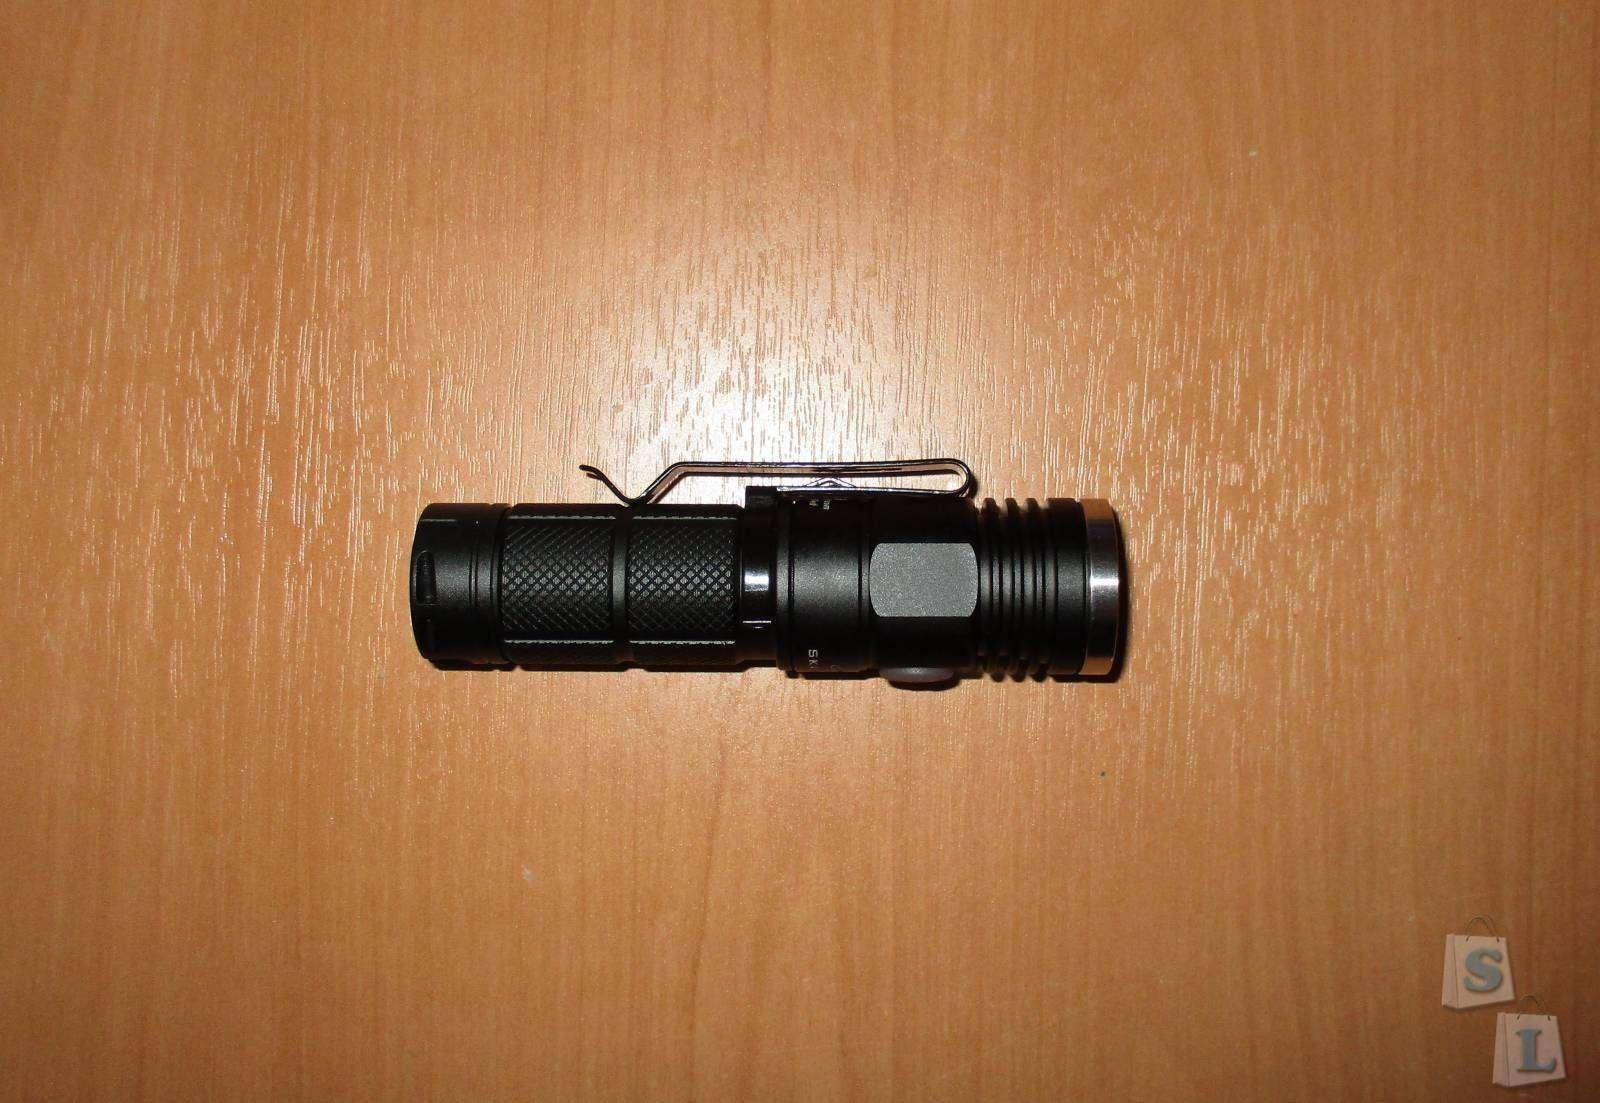 Banggood: Недорогой и хороший фонарик на АА/14500